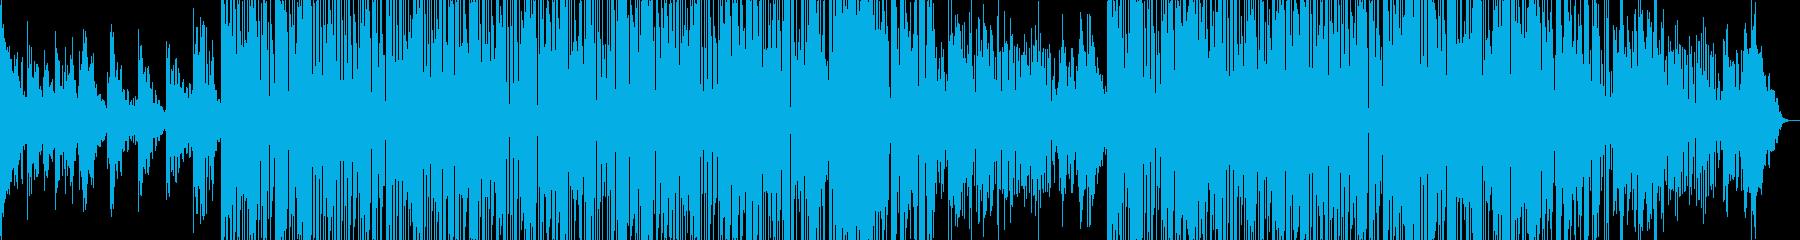 バーで流れるお洒落系スムースジャズ の再生済みの波形